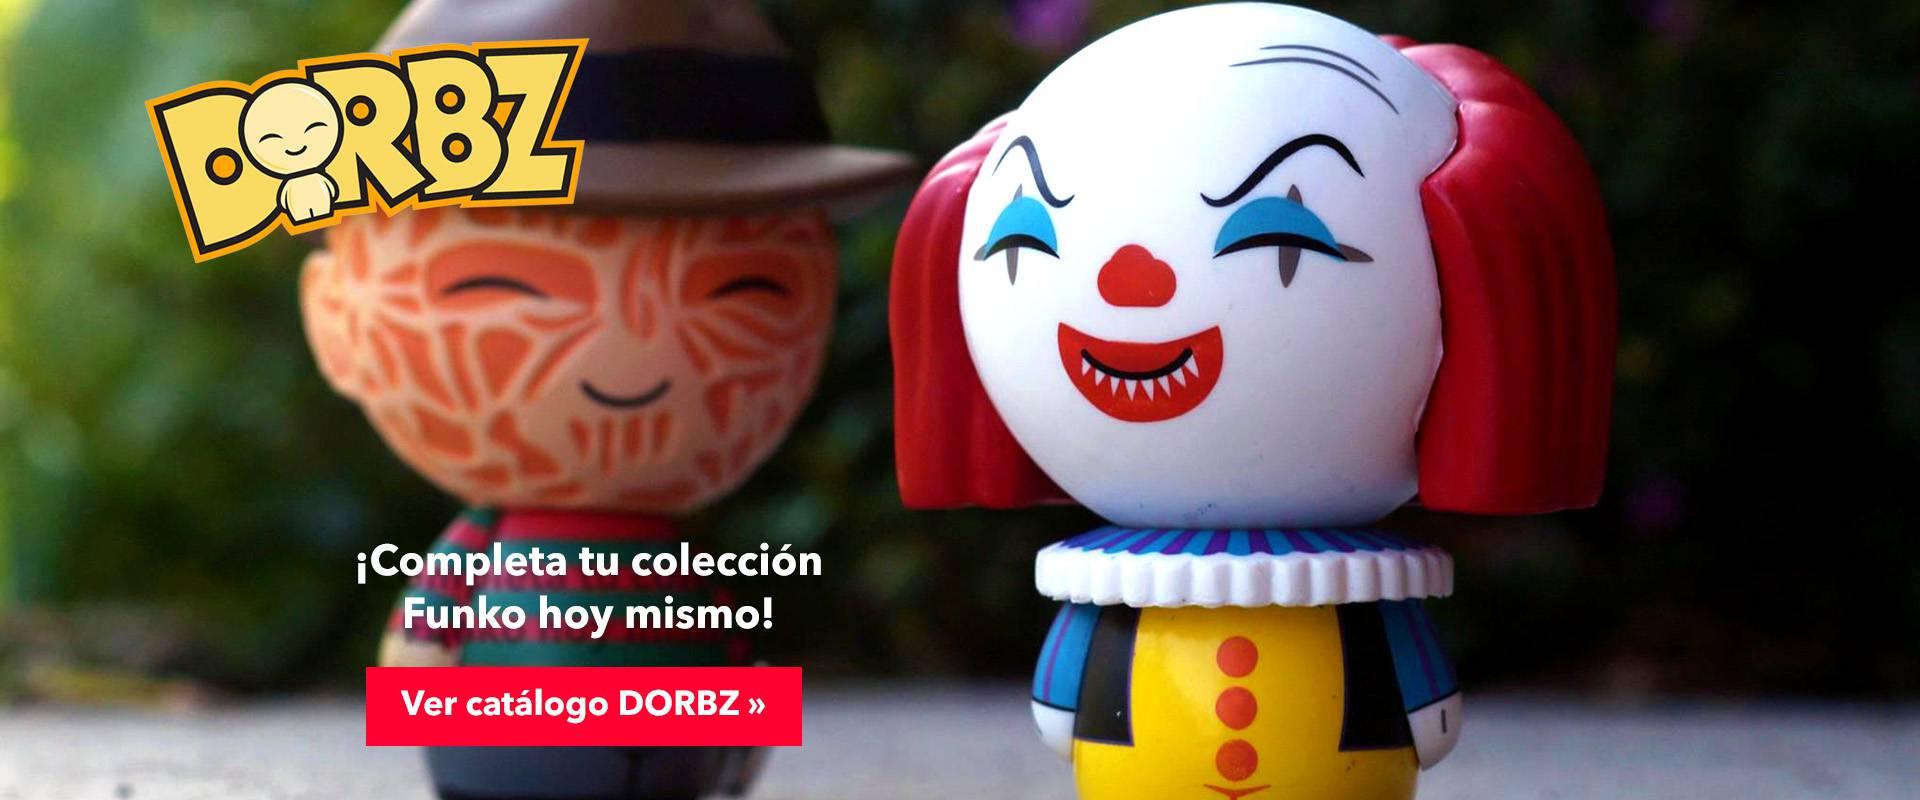 Colección Dorbz